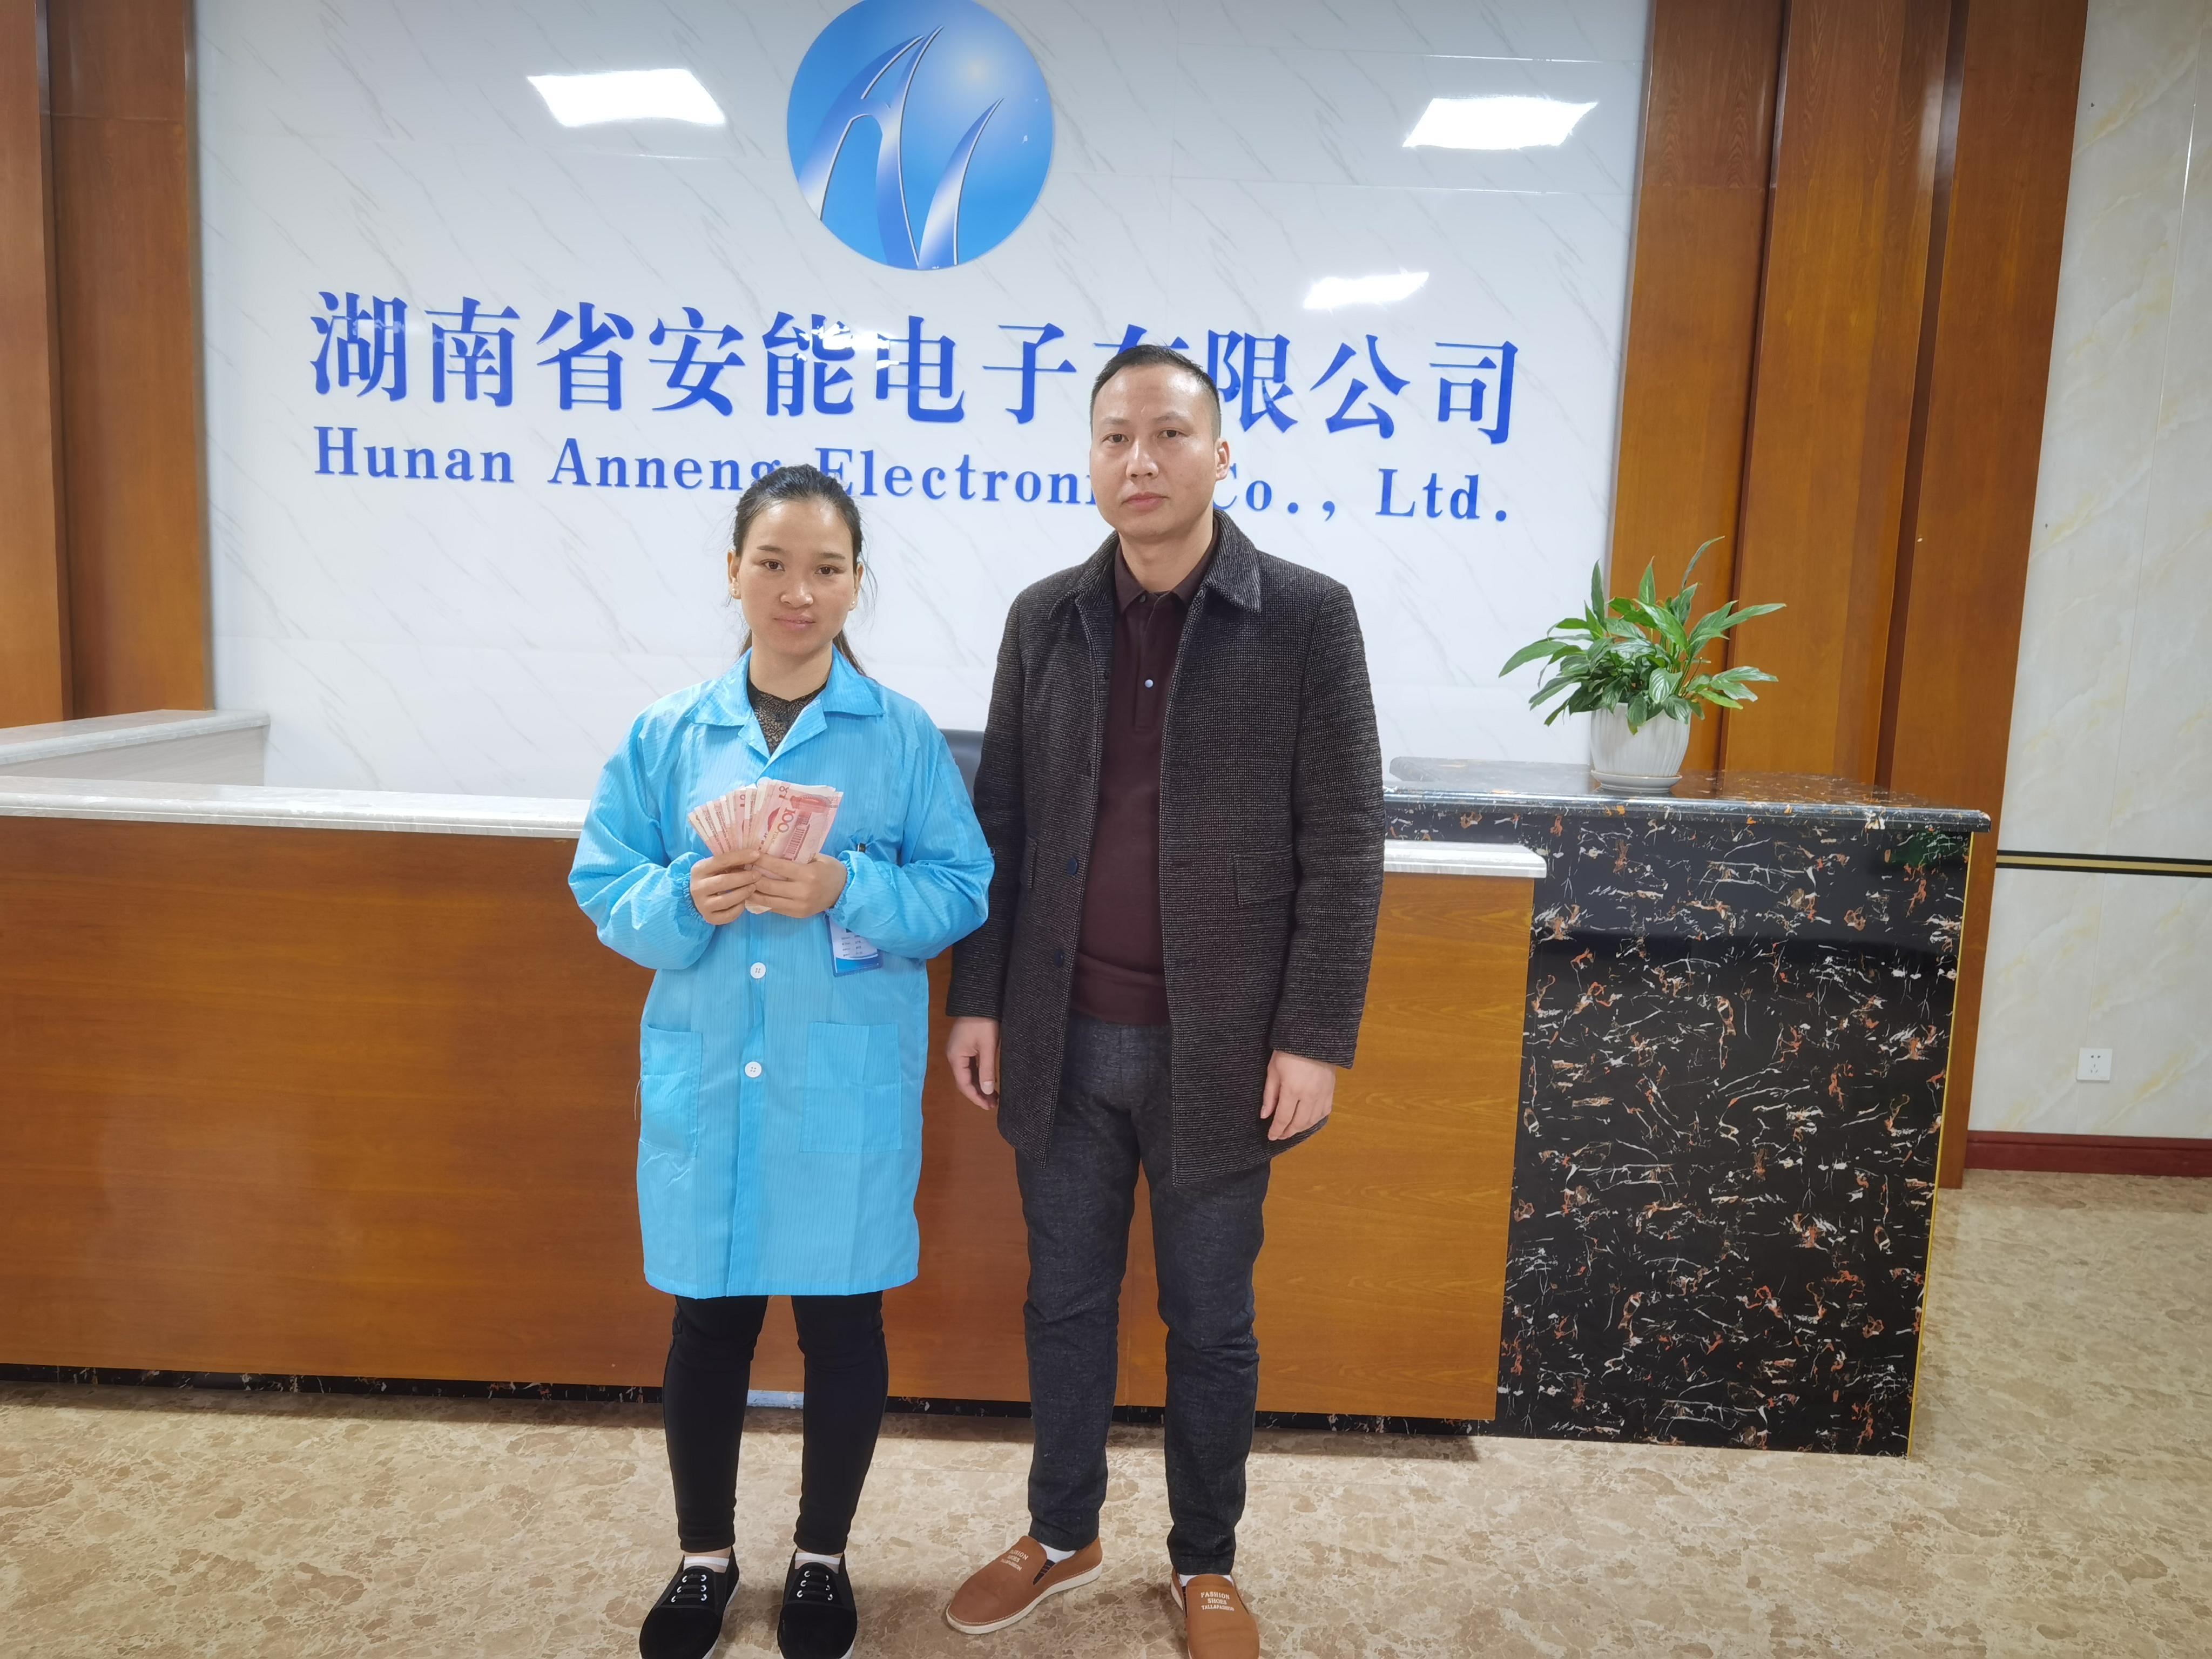 愛心點燃希望,真情傳遞溫暖,湖南省安能電子有限公司為員工愛心捐款